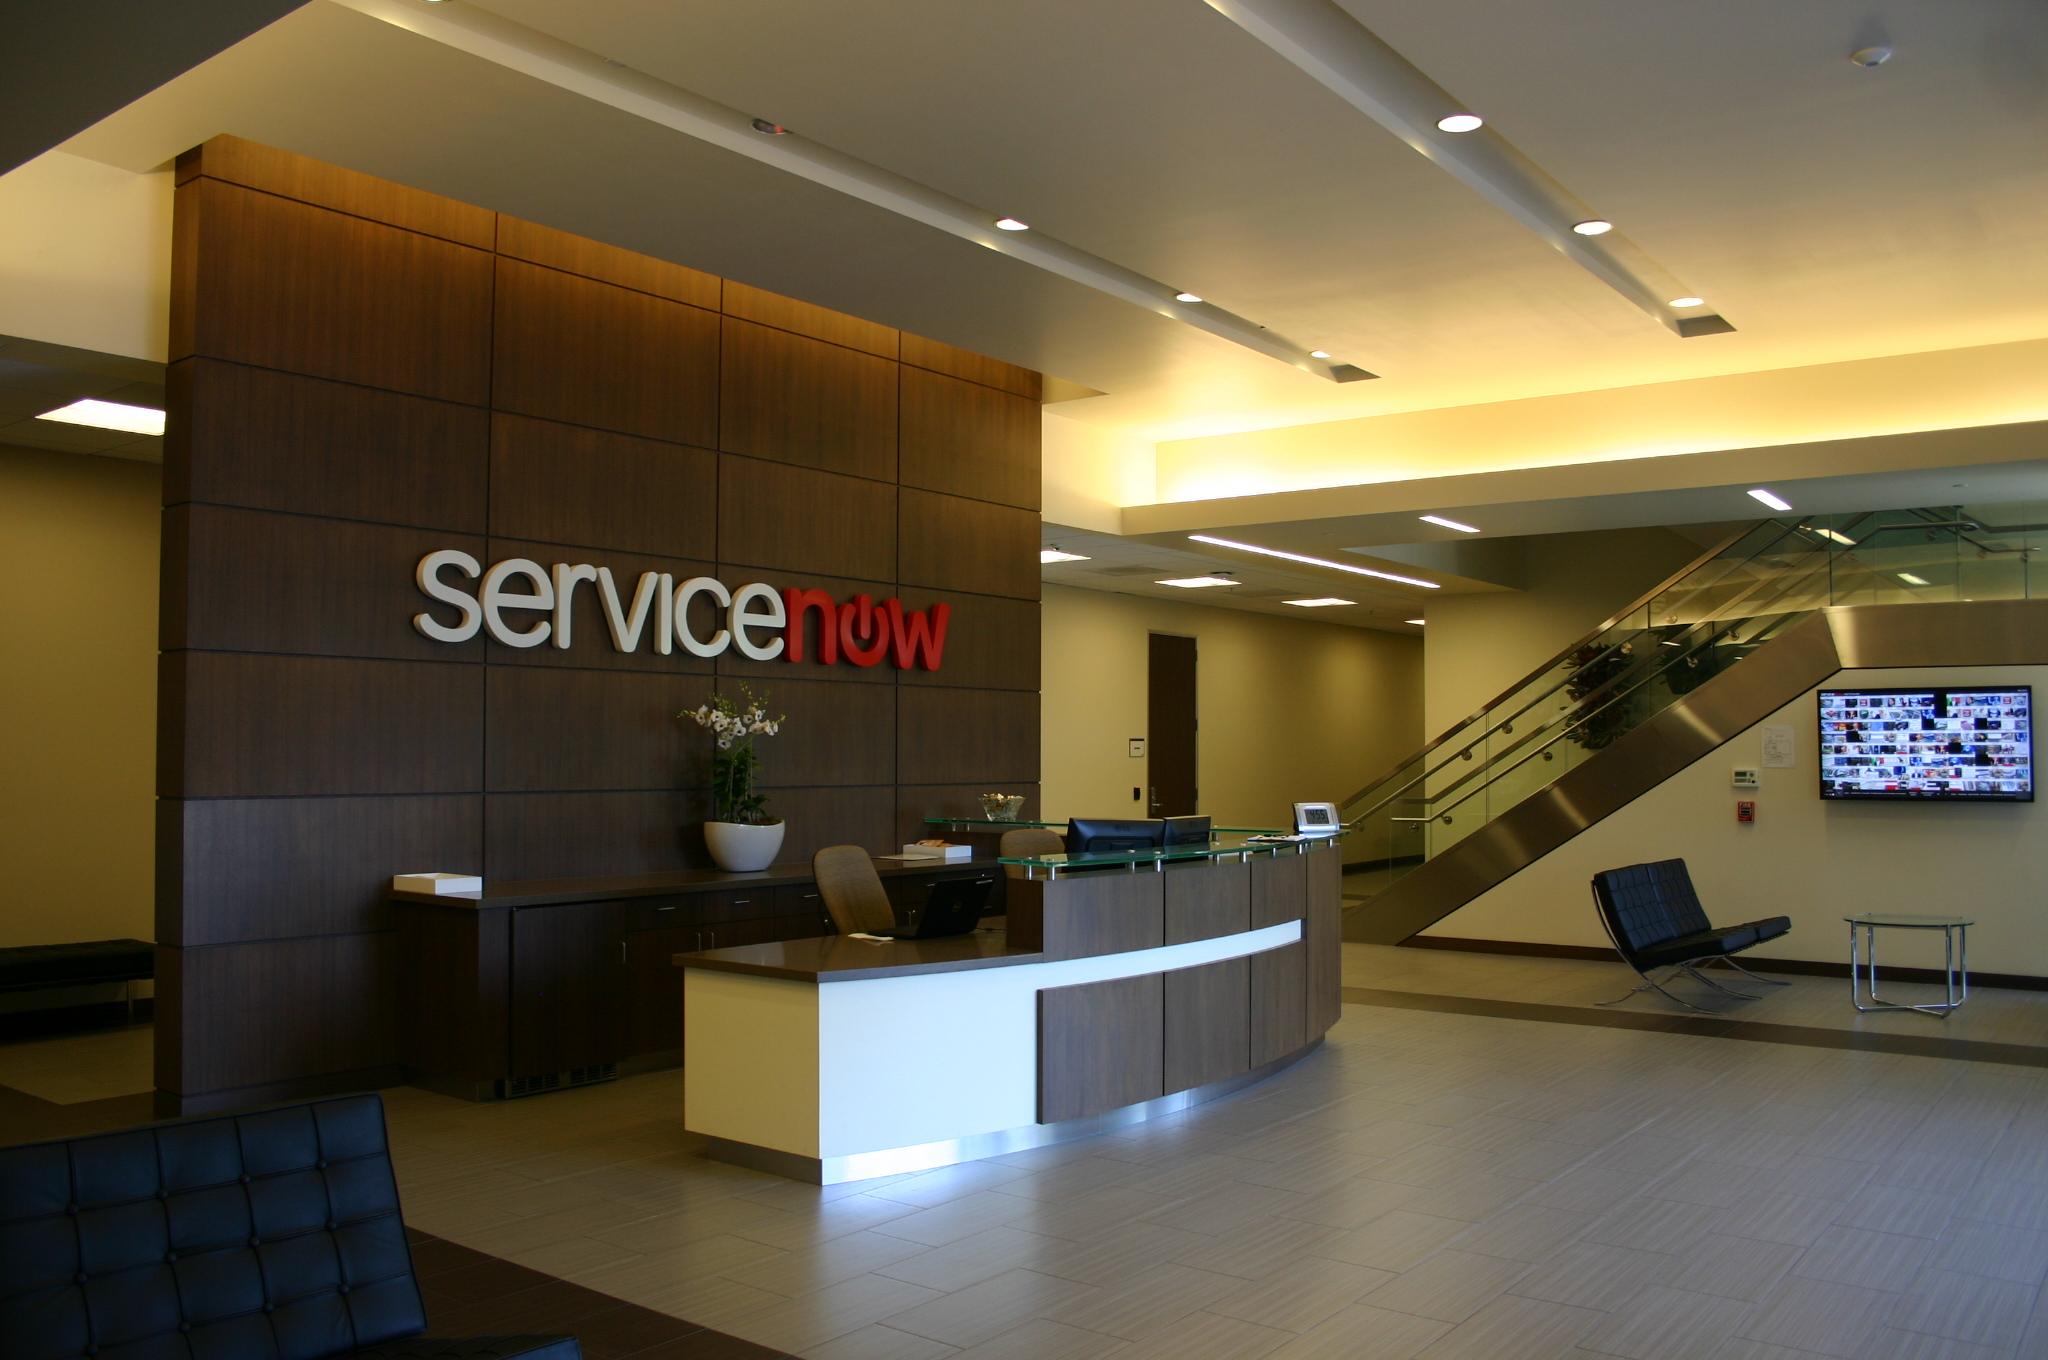 Servicenow_Lobby_InteriorHero.JPG